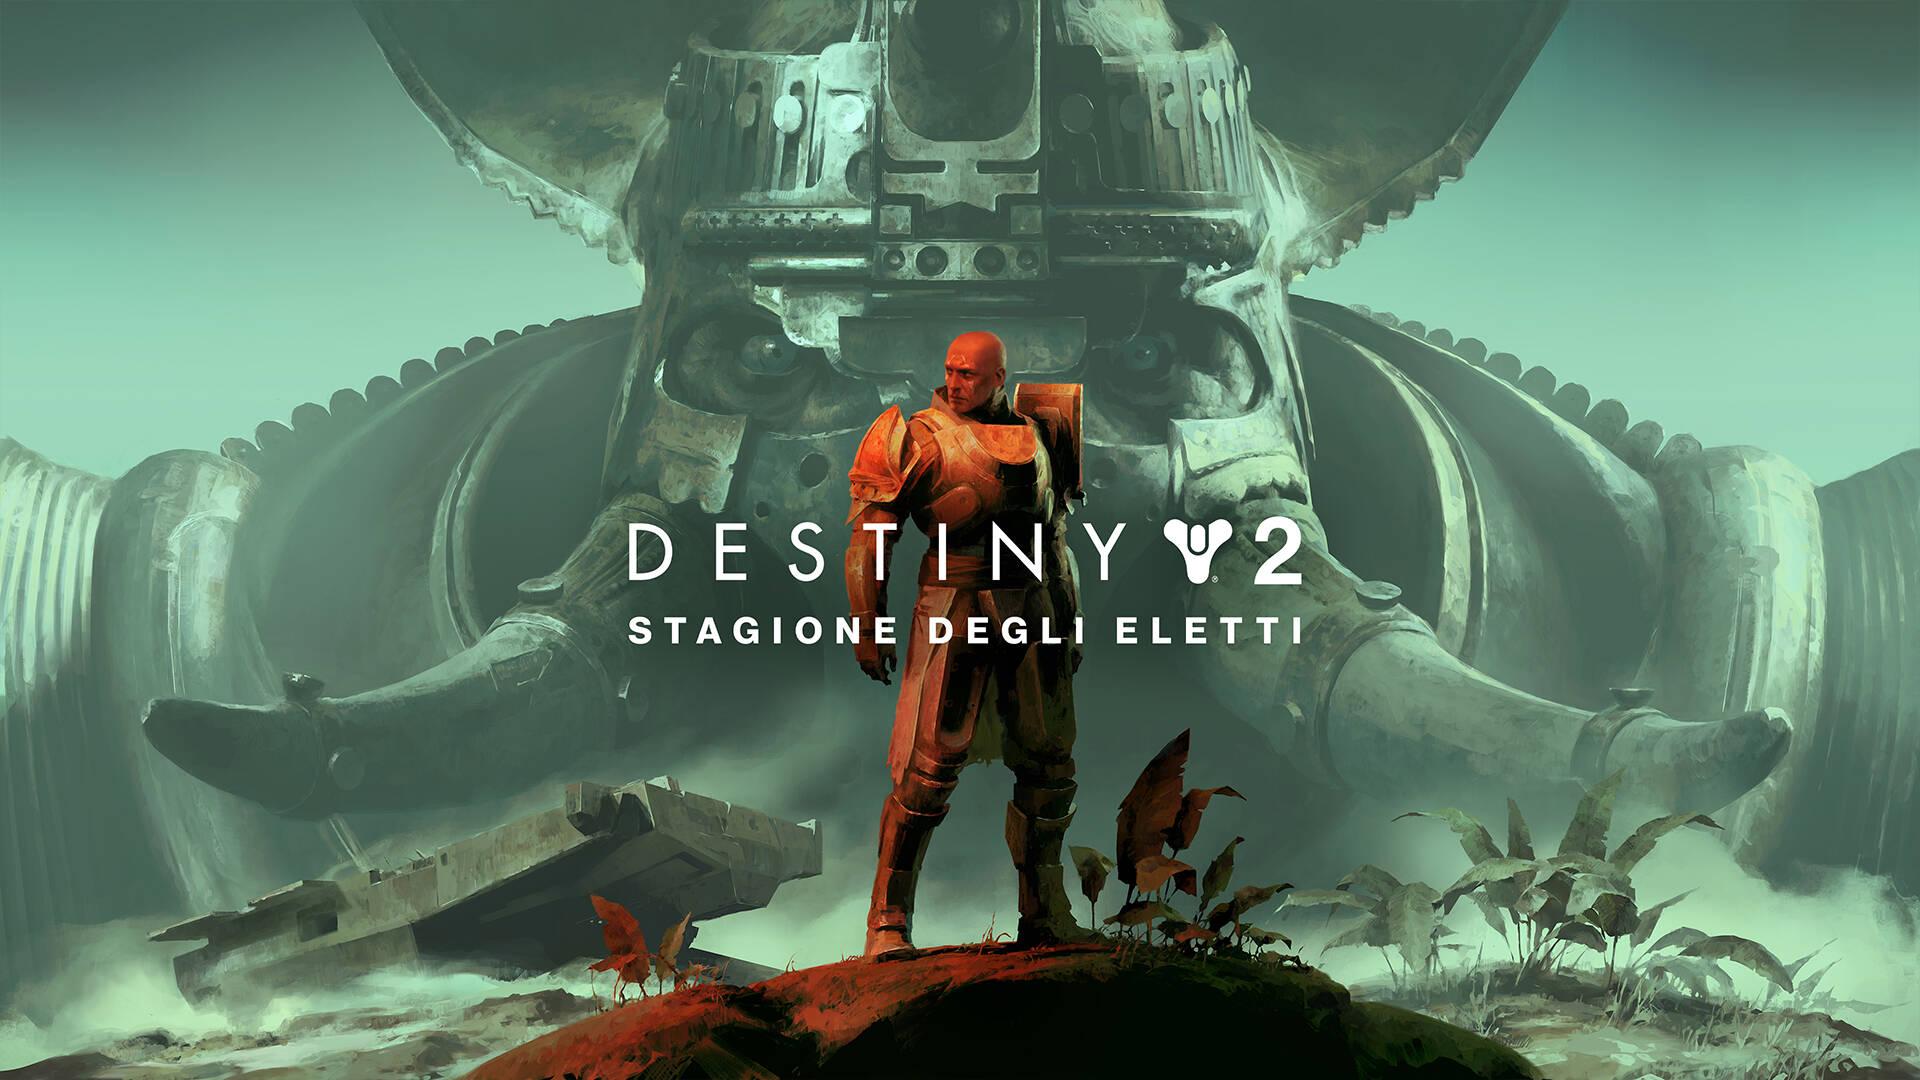 Destiny 2 - Racconto dell